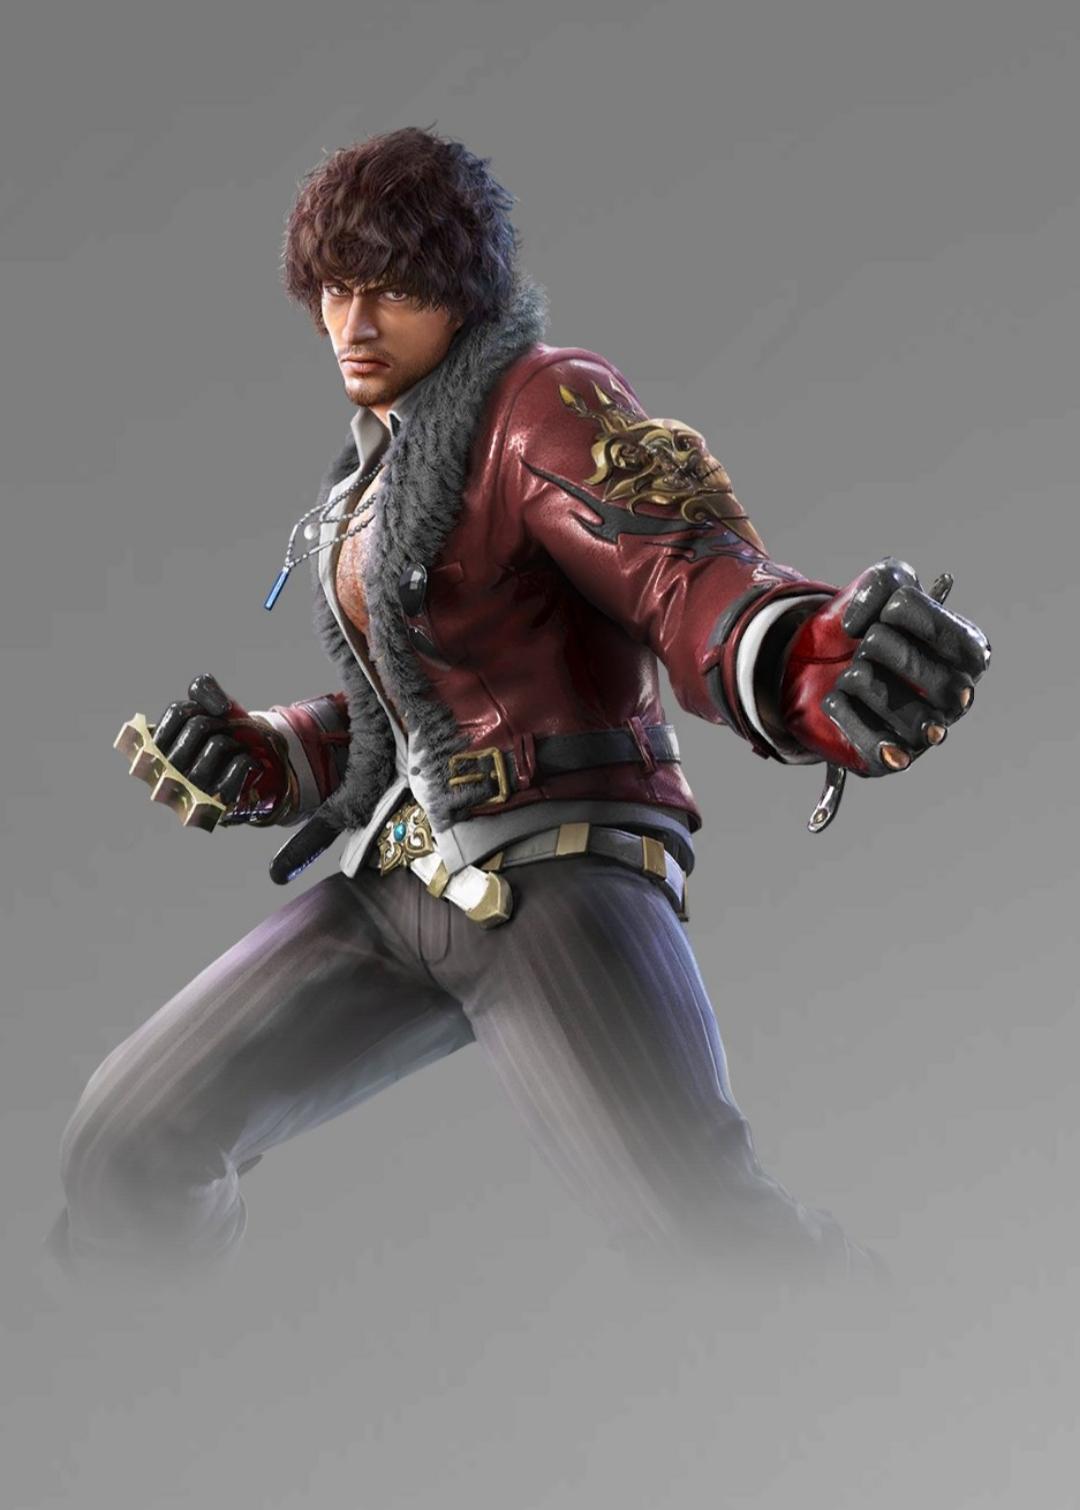 Miguel Caballero Rojo Tekken